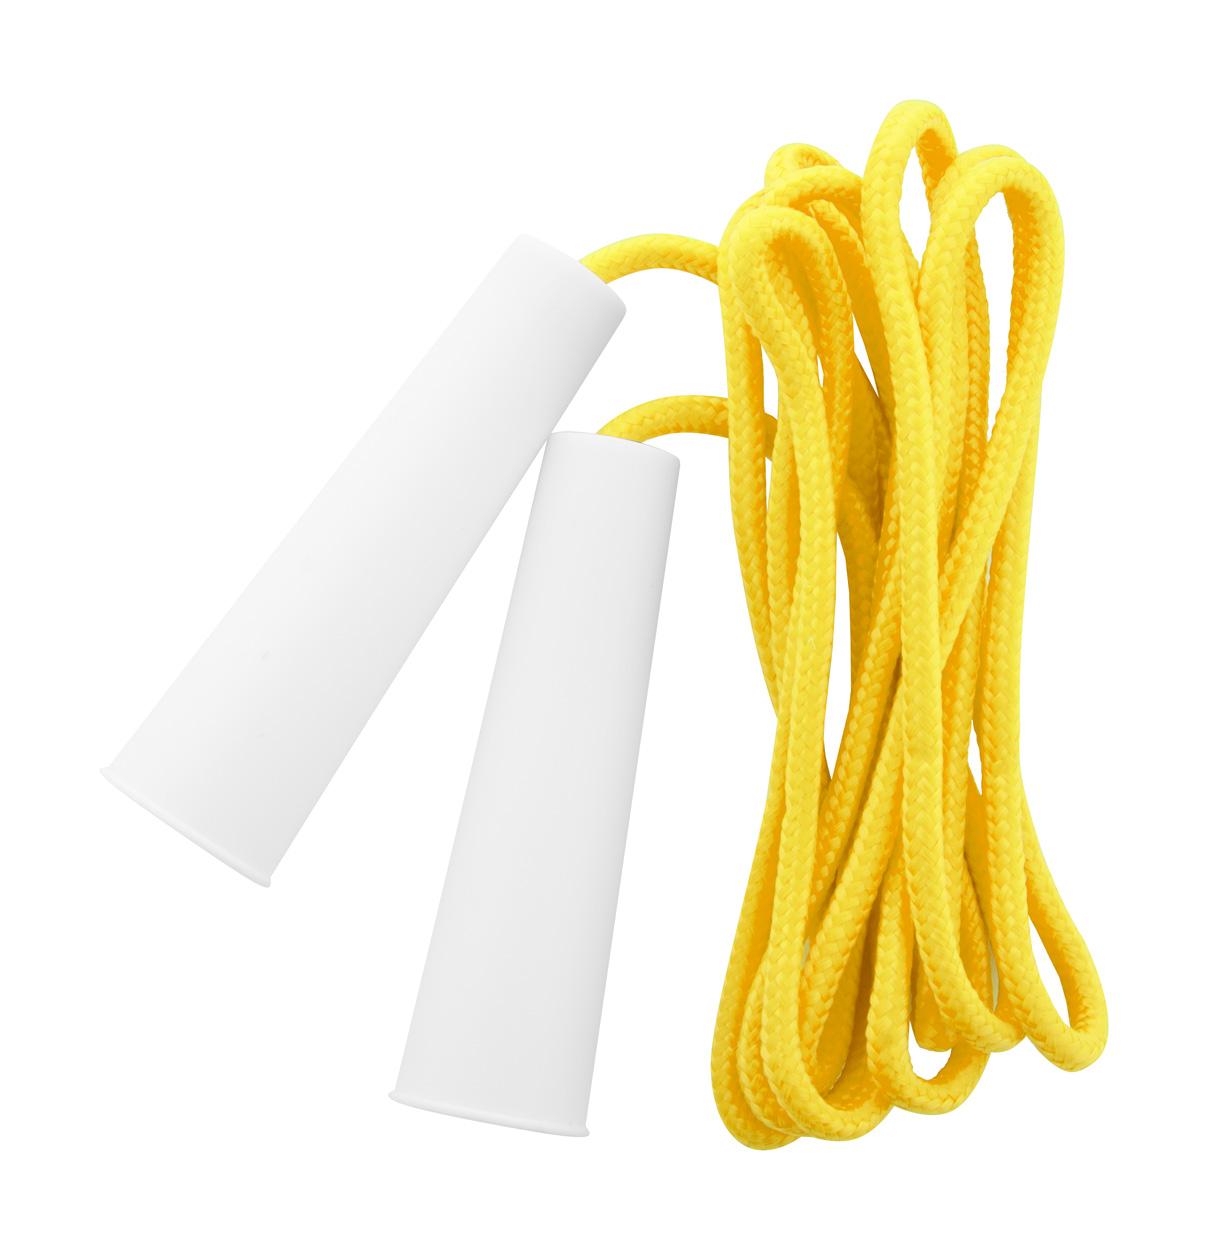 Derix skipping rope